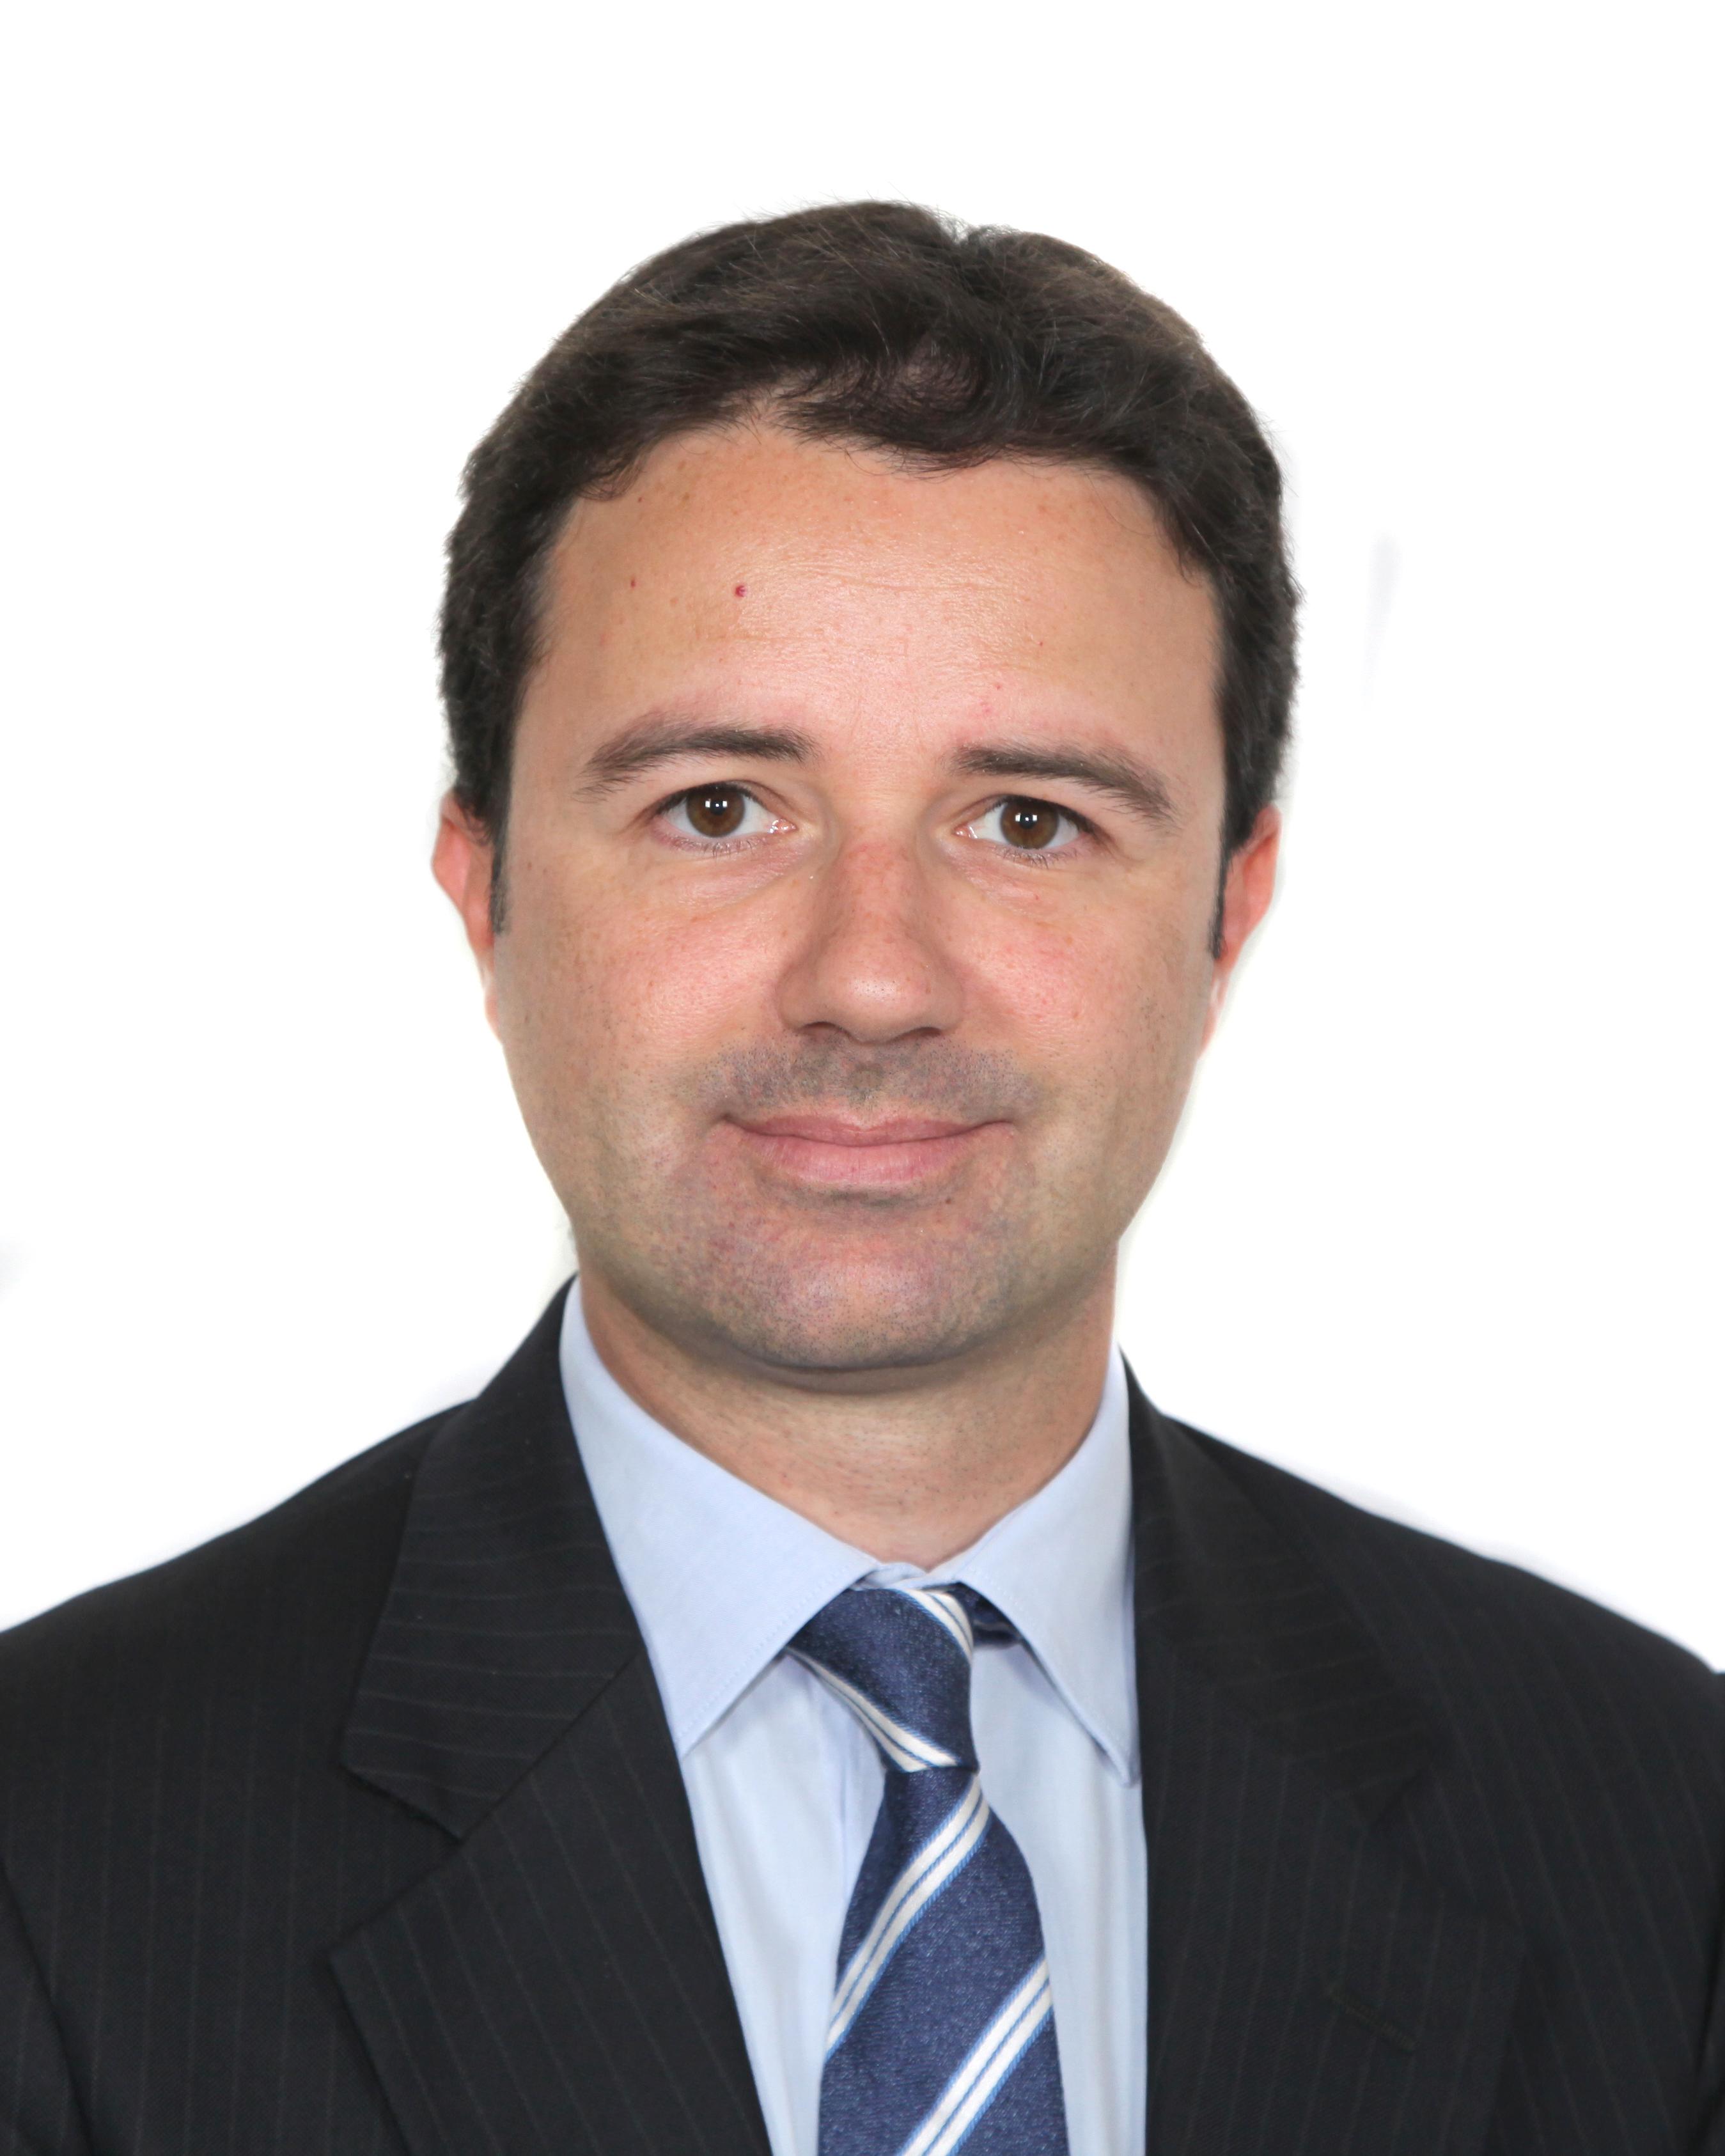 Riccardo Allievi